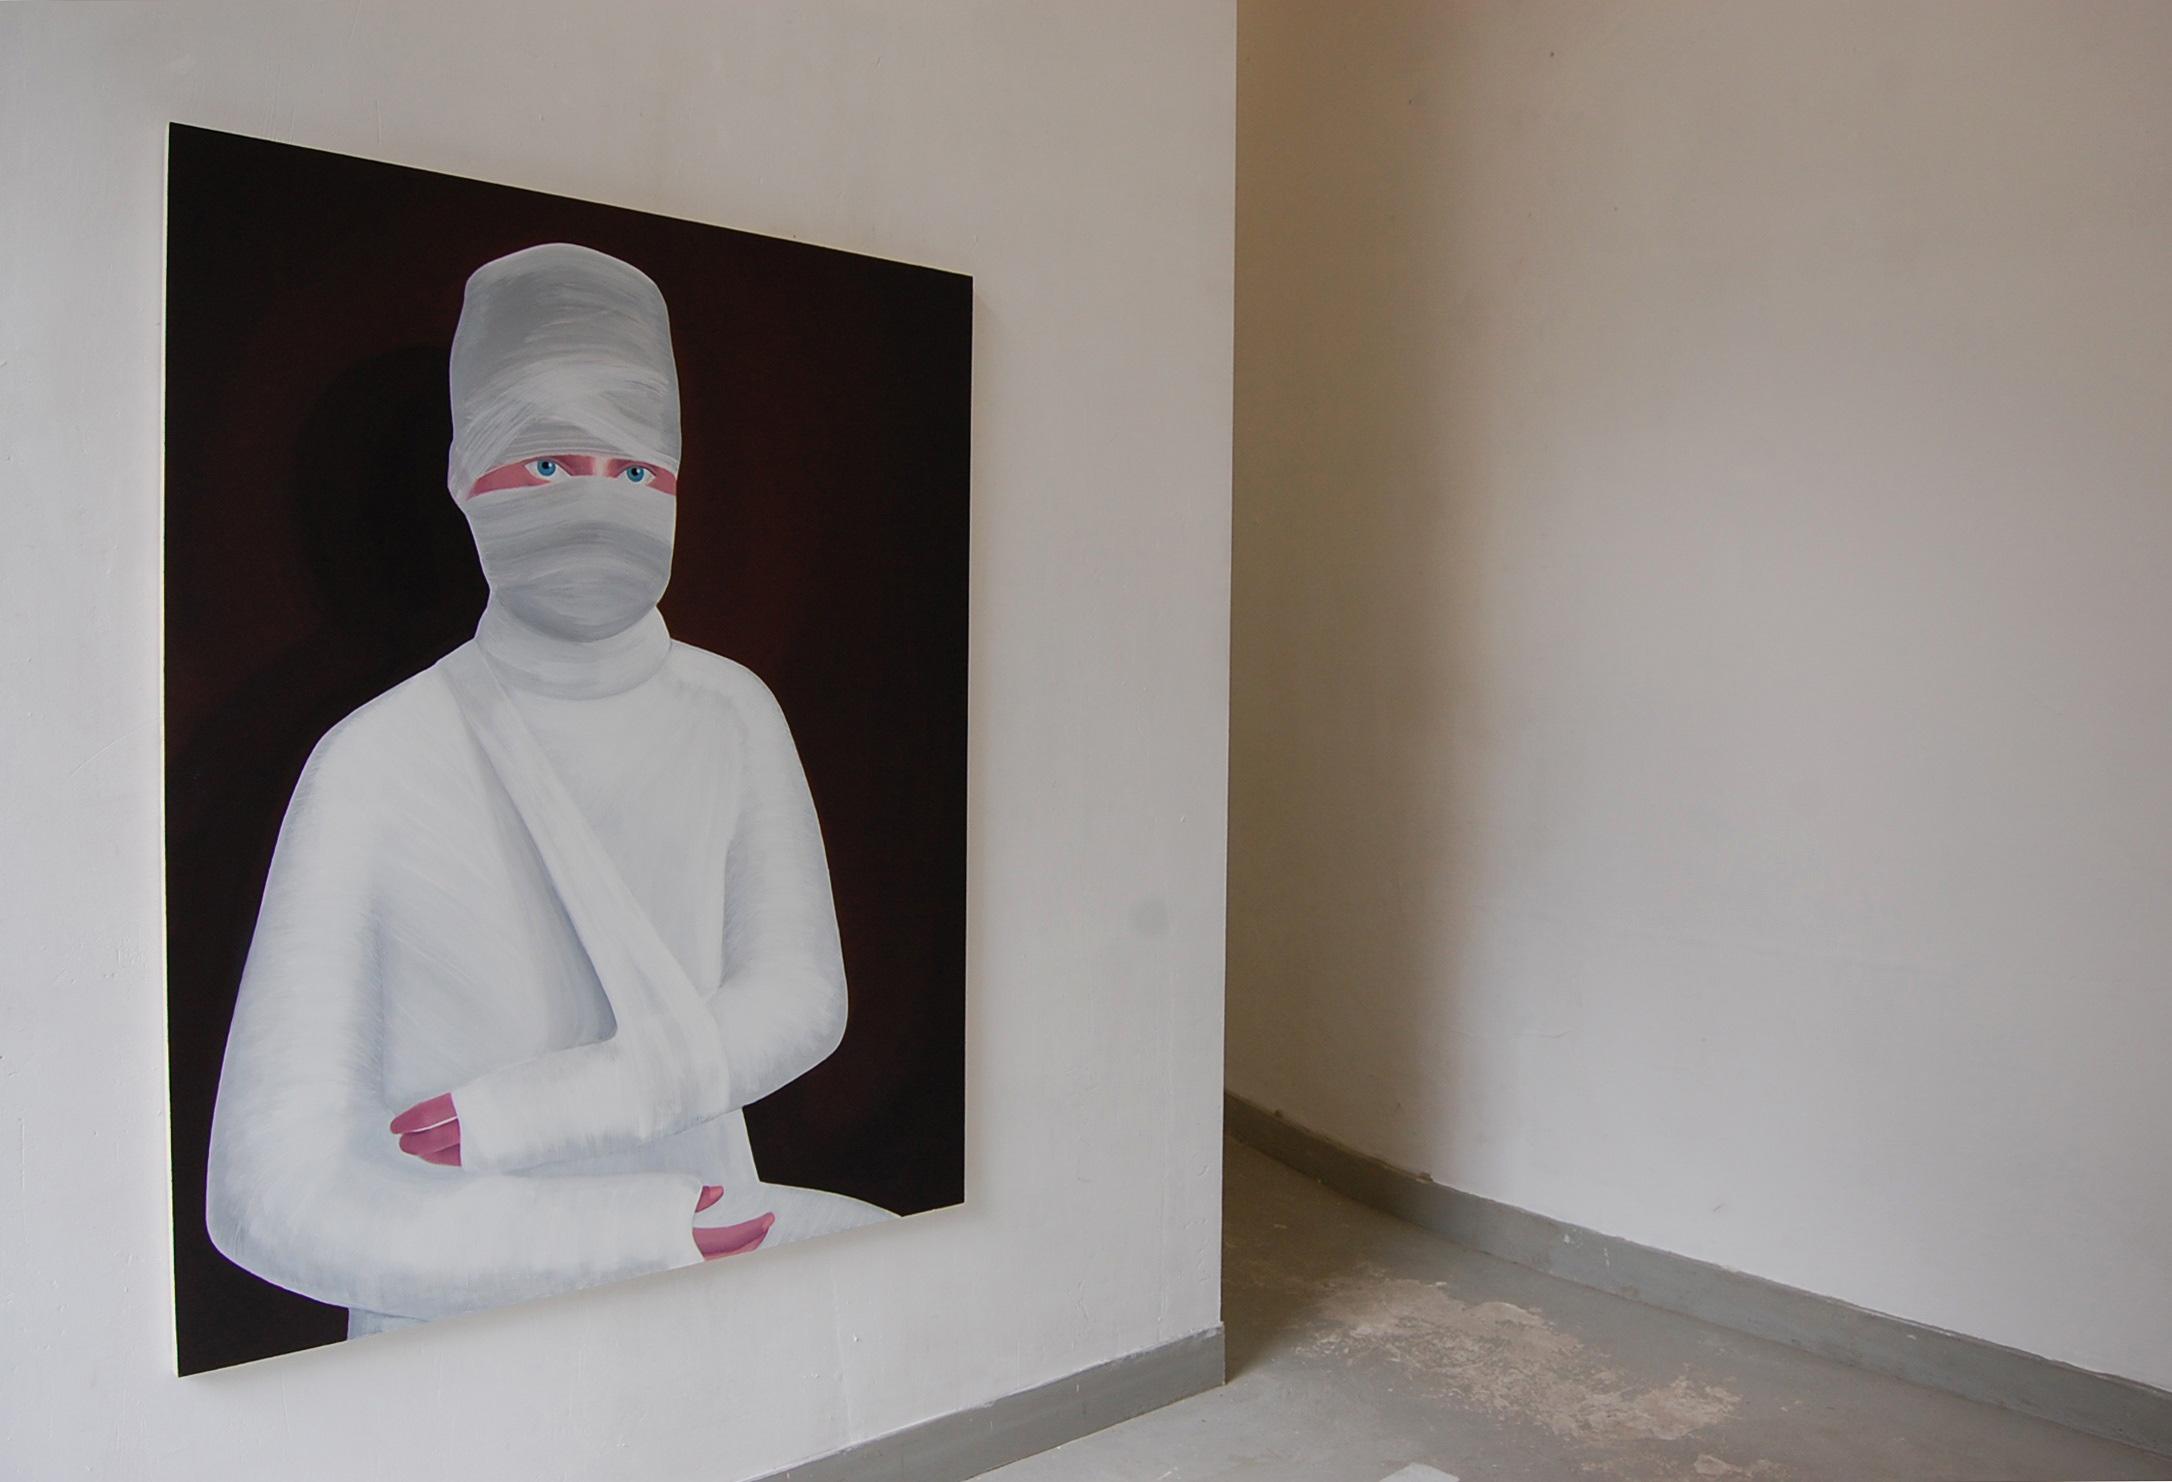 Anna Sudoł, Realizując ekstremalny projekt, dokonała się namnie dekonstrukcja